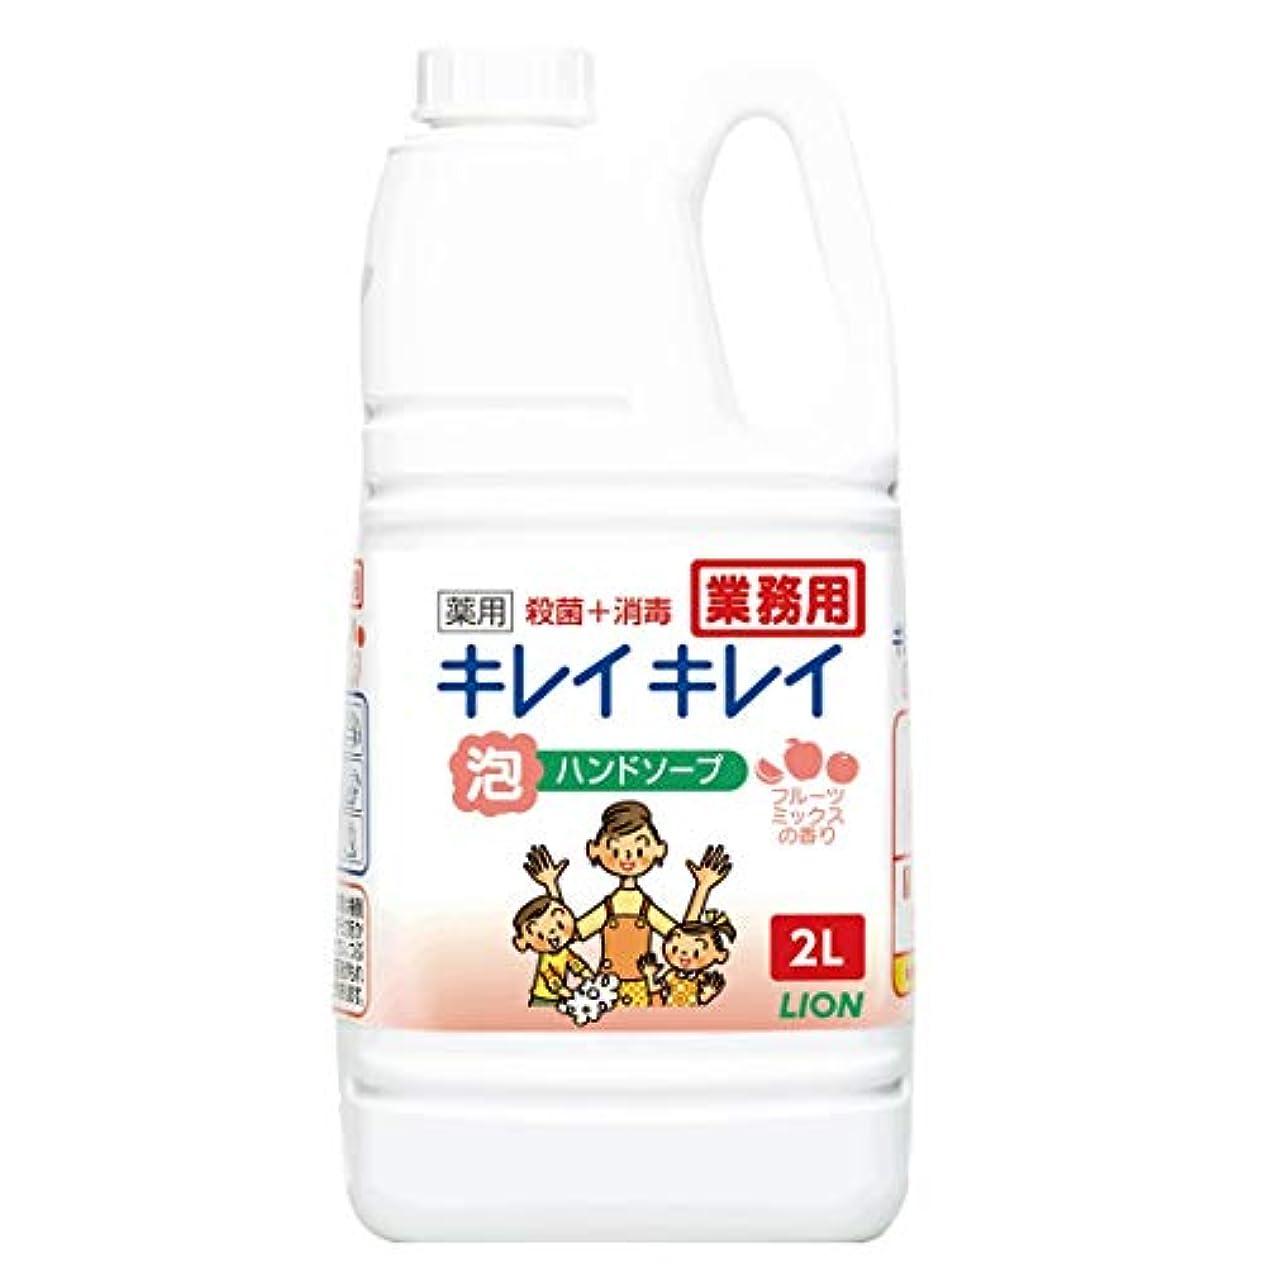 穏やかな経験航空【大容量】キレイキレイ 薬用泡ハンドソープ フルーツミックスの香り 2L